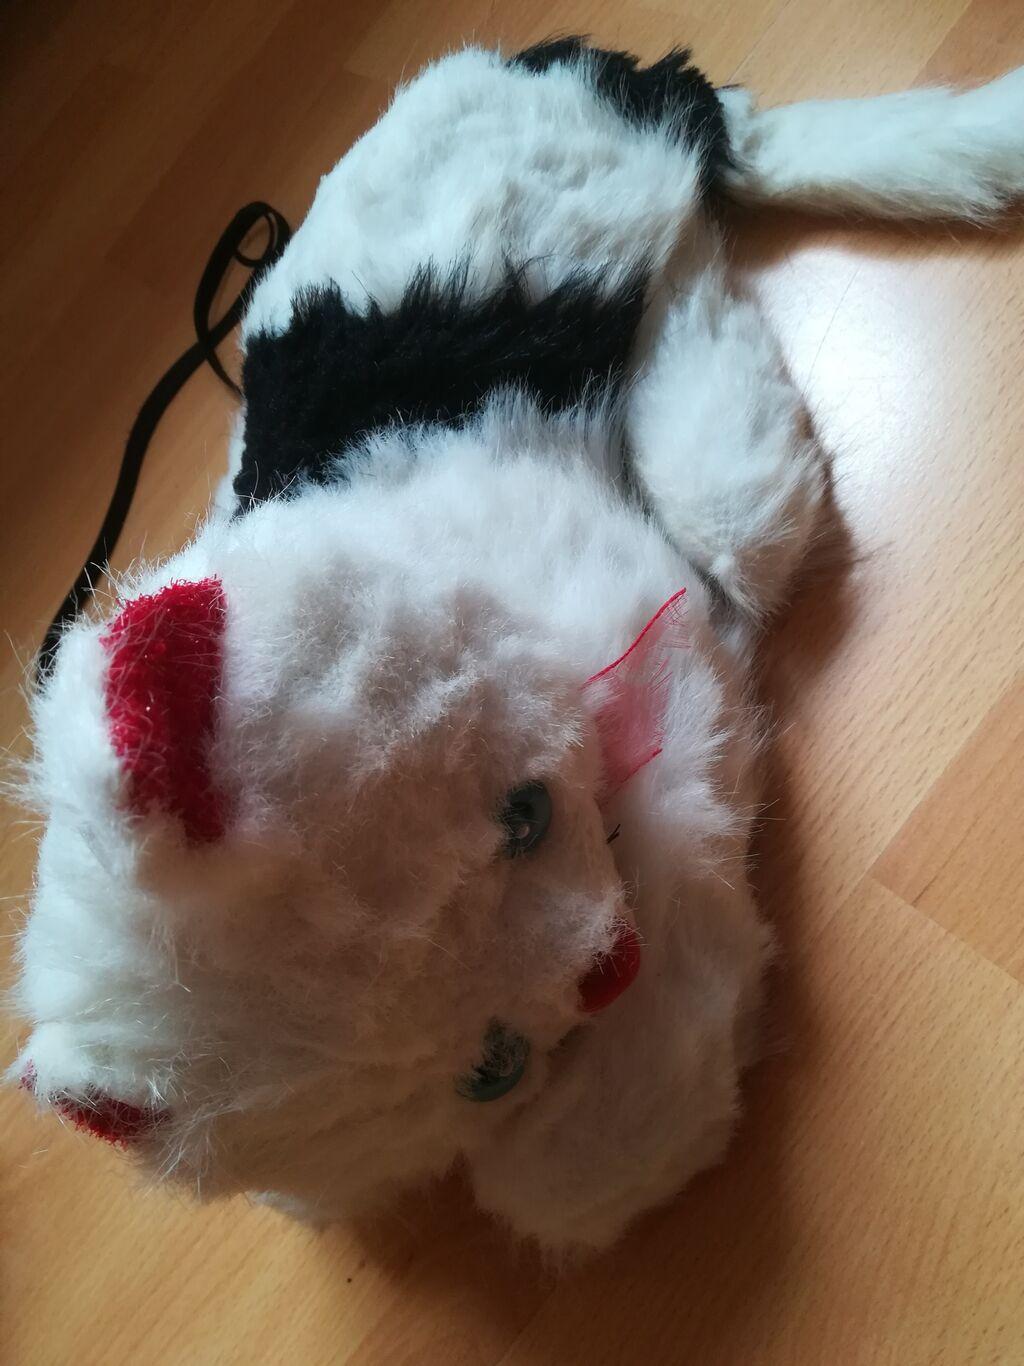 Bela plišana maca dužina 33 cm, visina 20 cm, baš očuvana